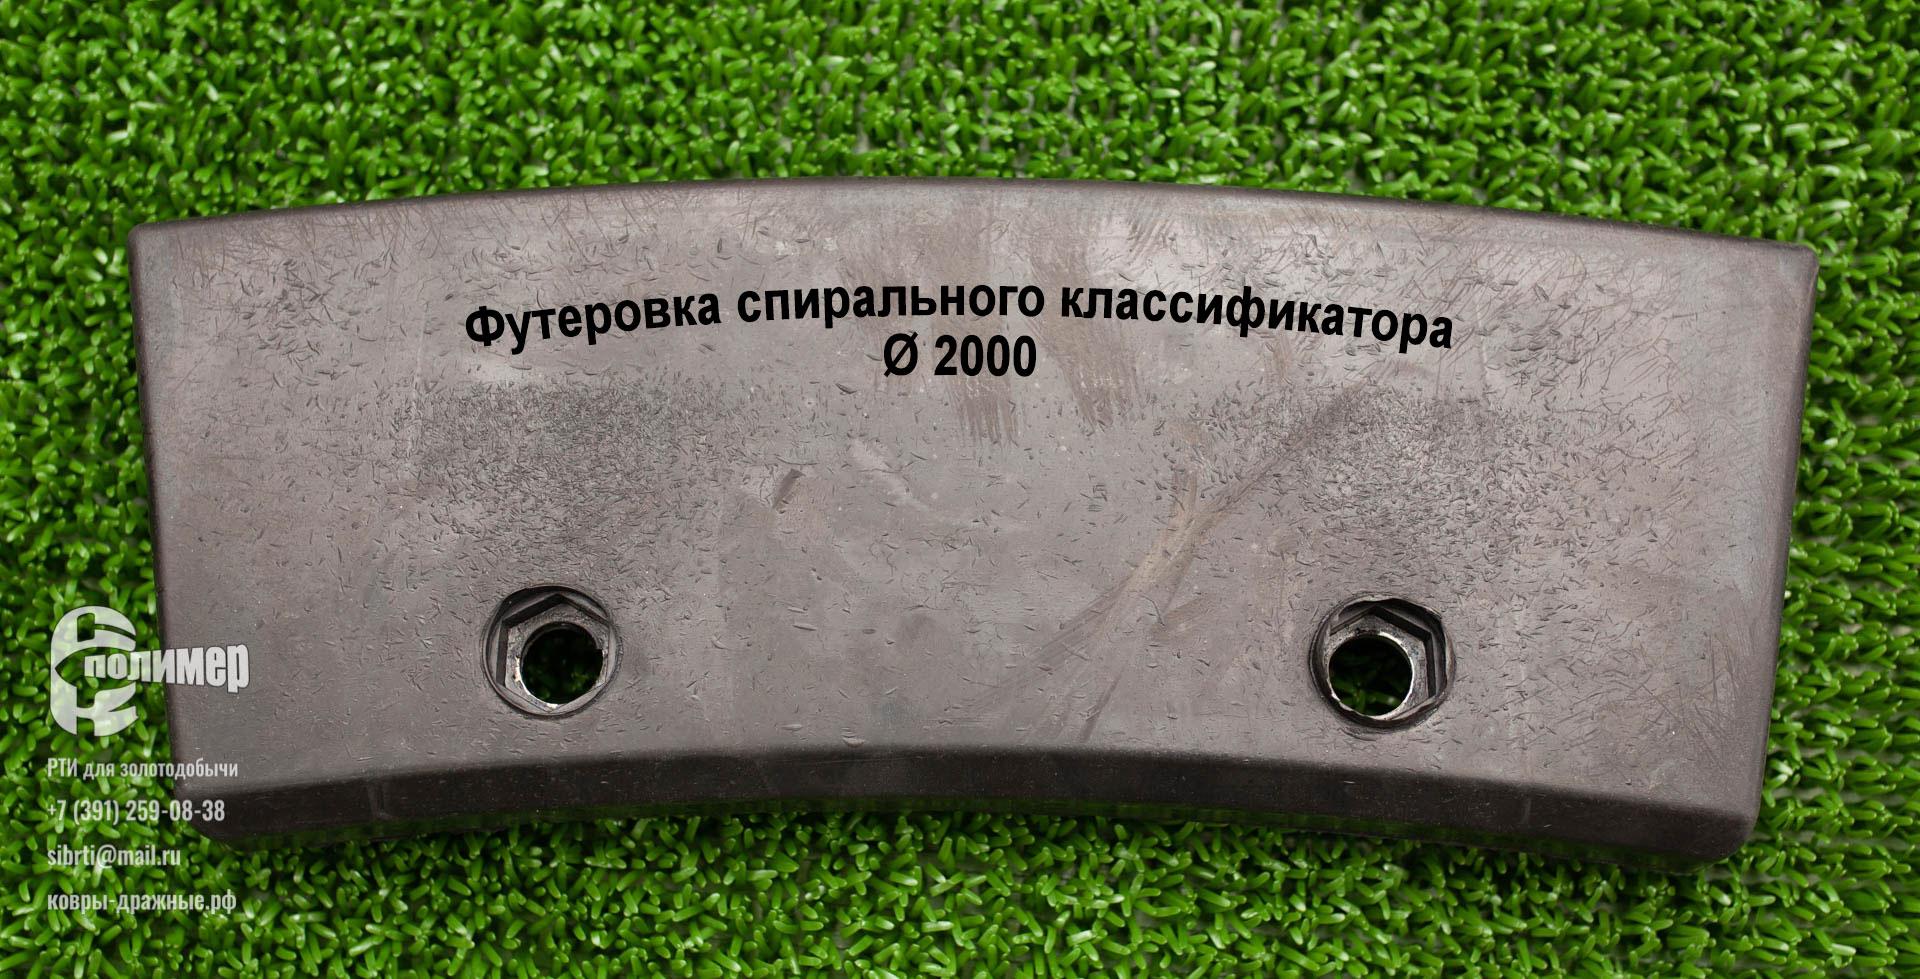 Футеровка для защиты ленты спирали КС(Н)-20